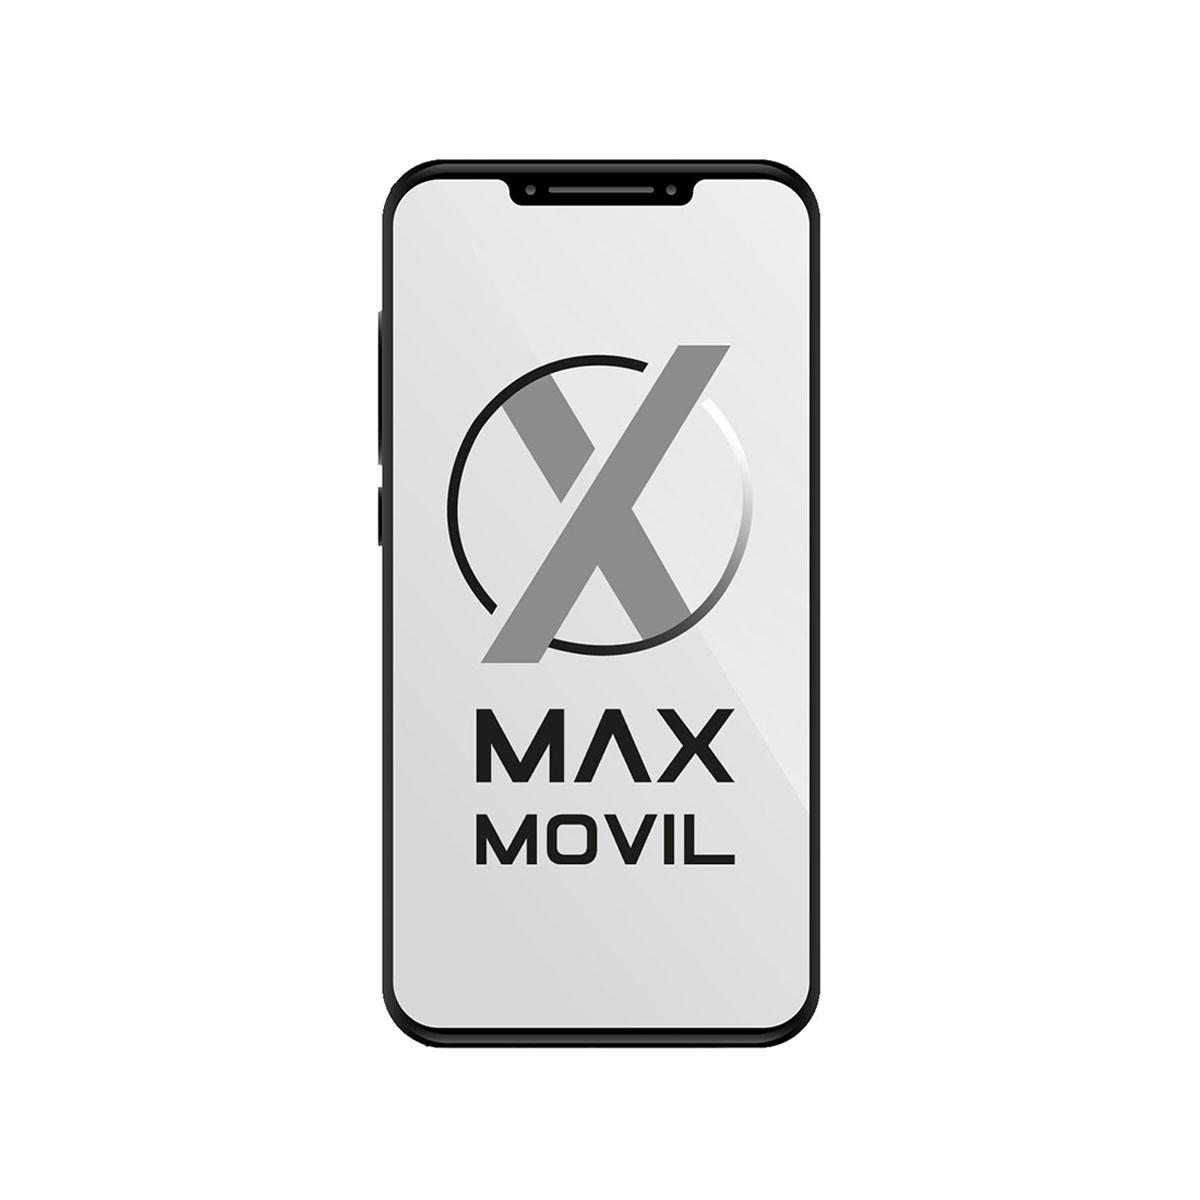 Adaptador de corriente USB-C de 29 W para Macbook MJ262Z/A